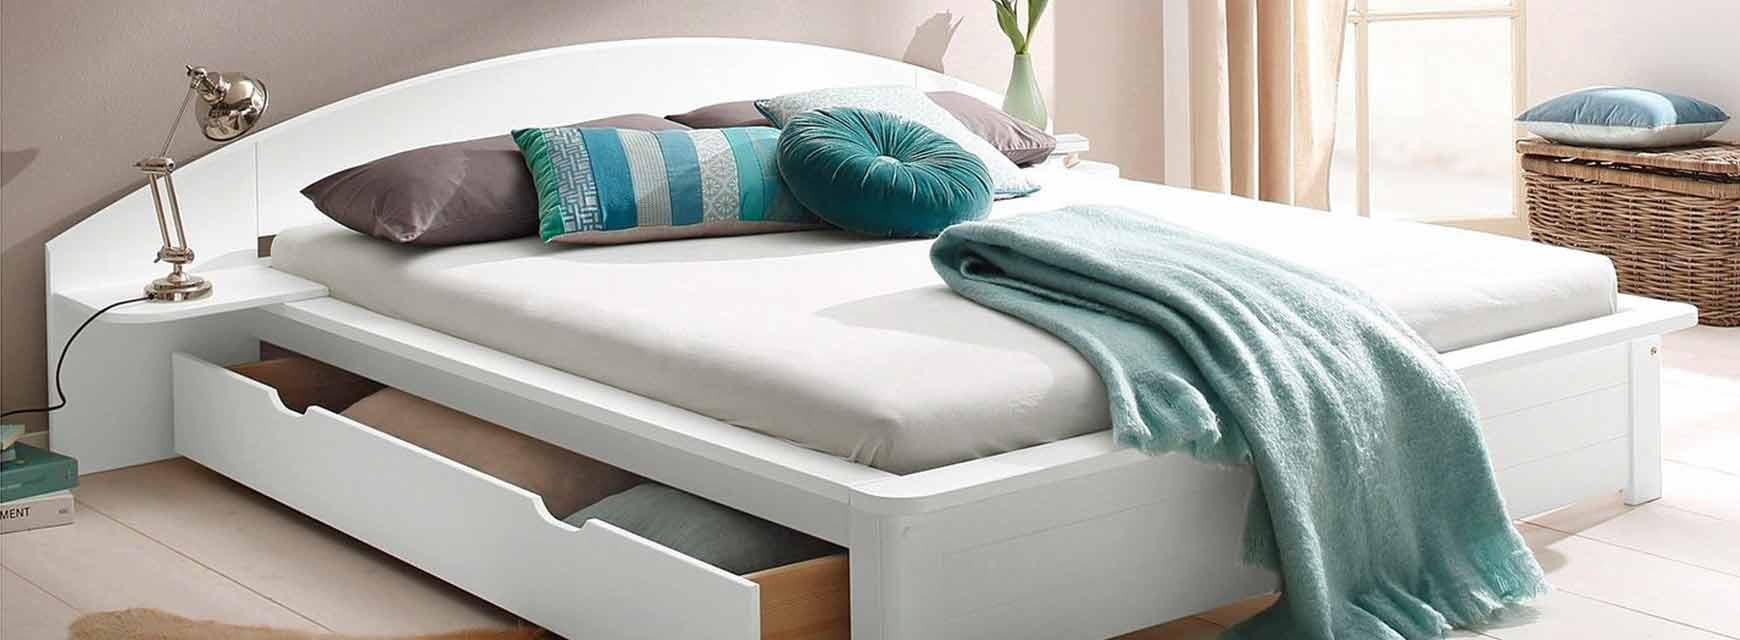 Die 20 Besten Ideen Für Betten Kaufen - Beste Wohnkultur ...